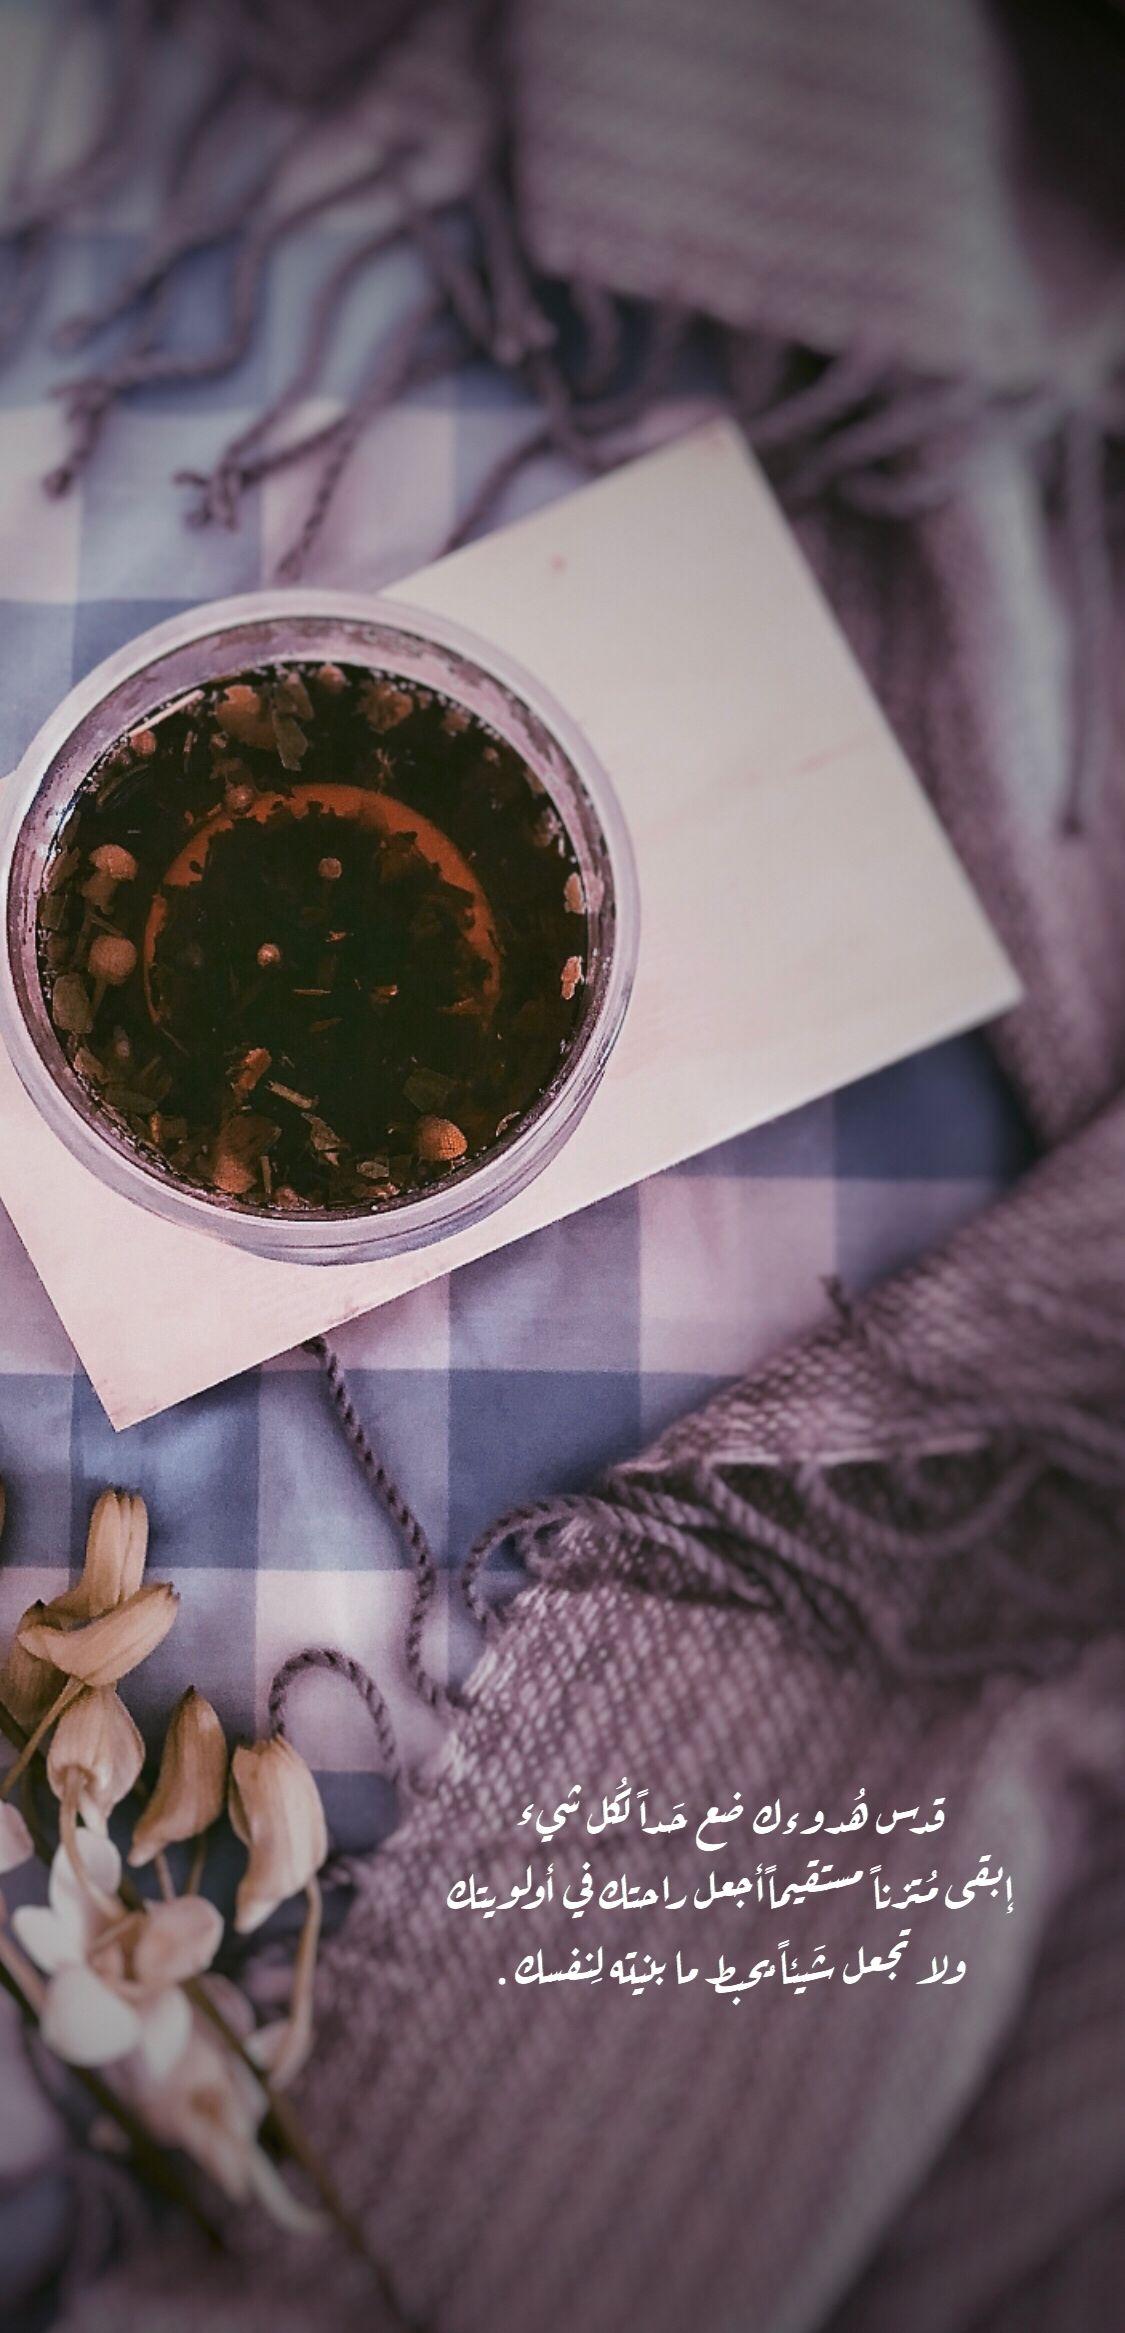 شاي قهوة رمزيات سناب تصويري تصميم تطوير Photography Positive Tea Life